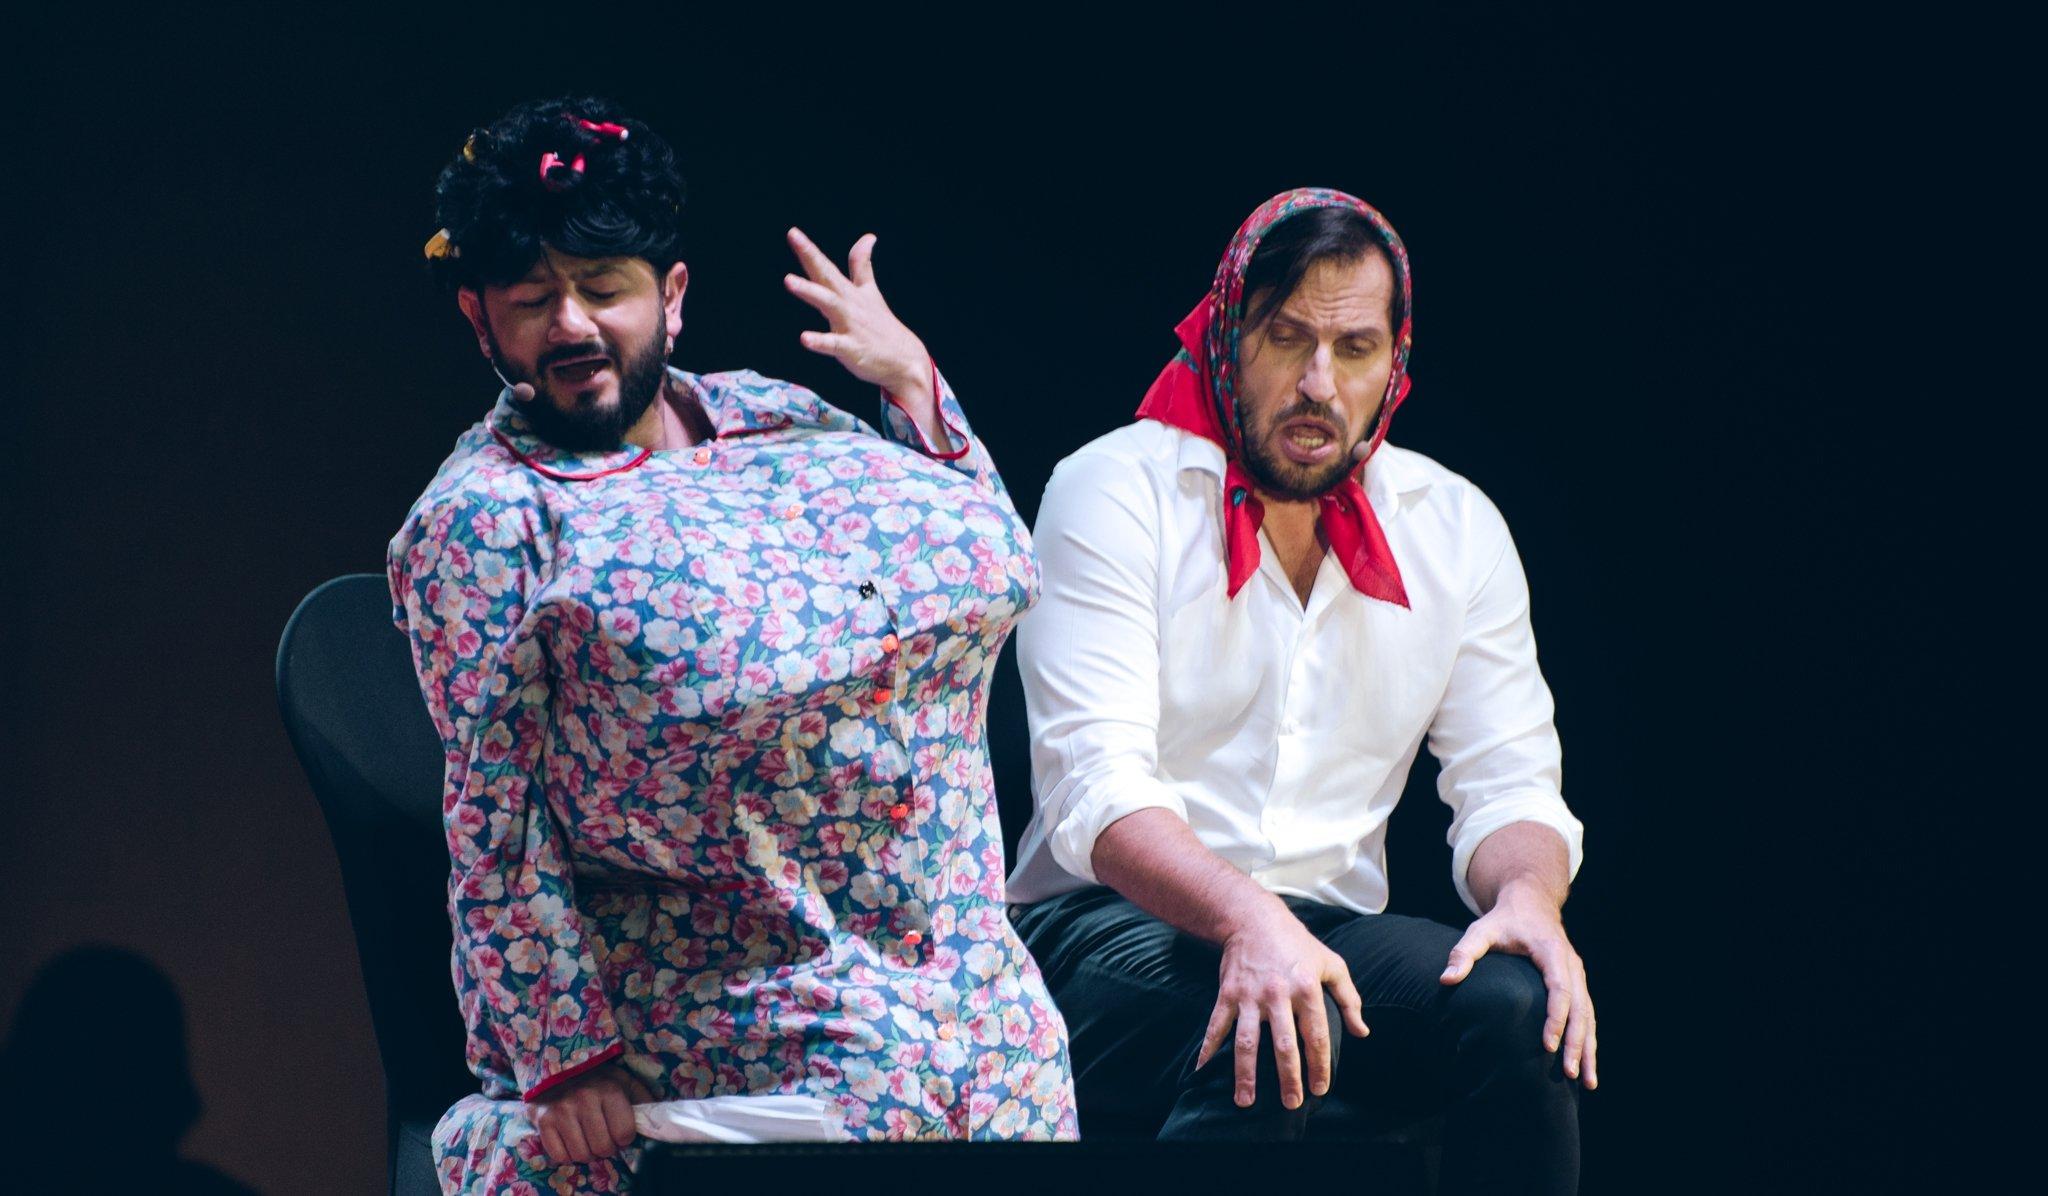 Культовые резиденты Comedy Club Галустян и Ревва